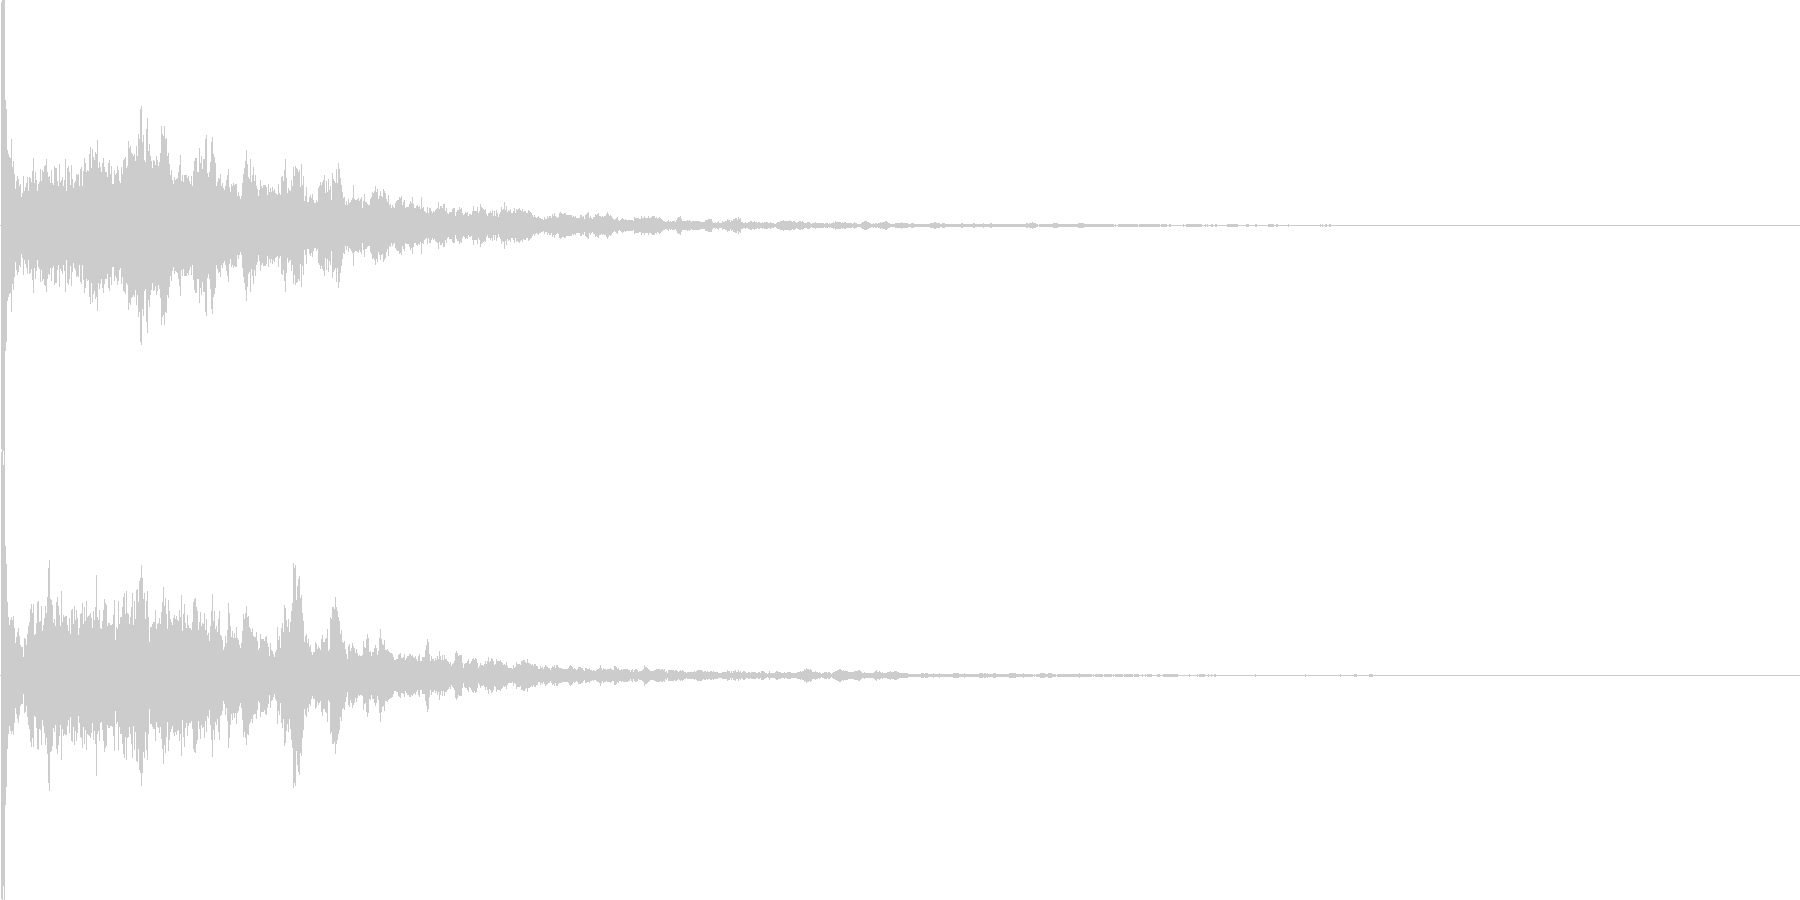 キラーン(ゲームの氷魔法の様な電子音)の未再生の波形